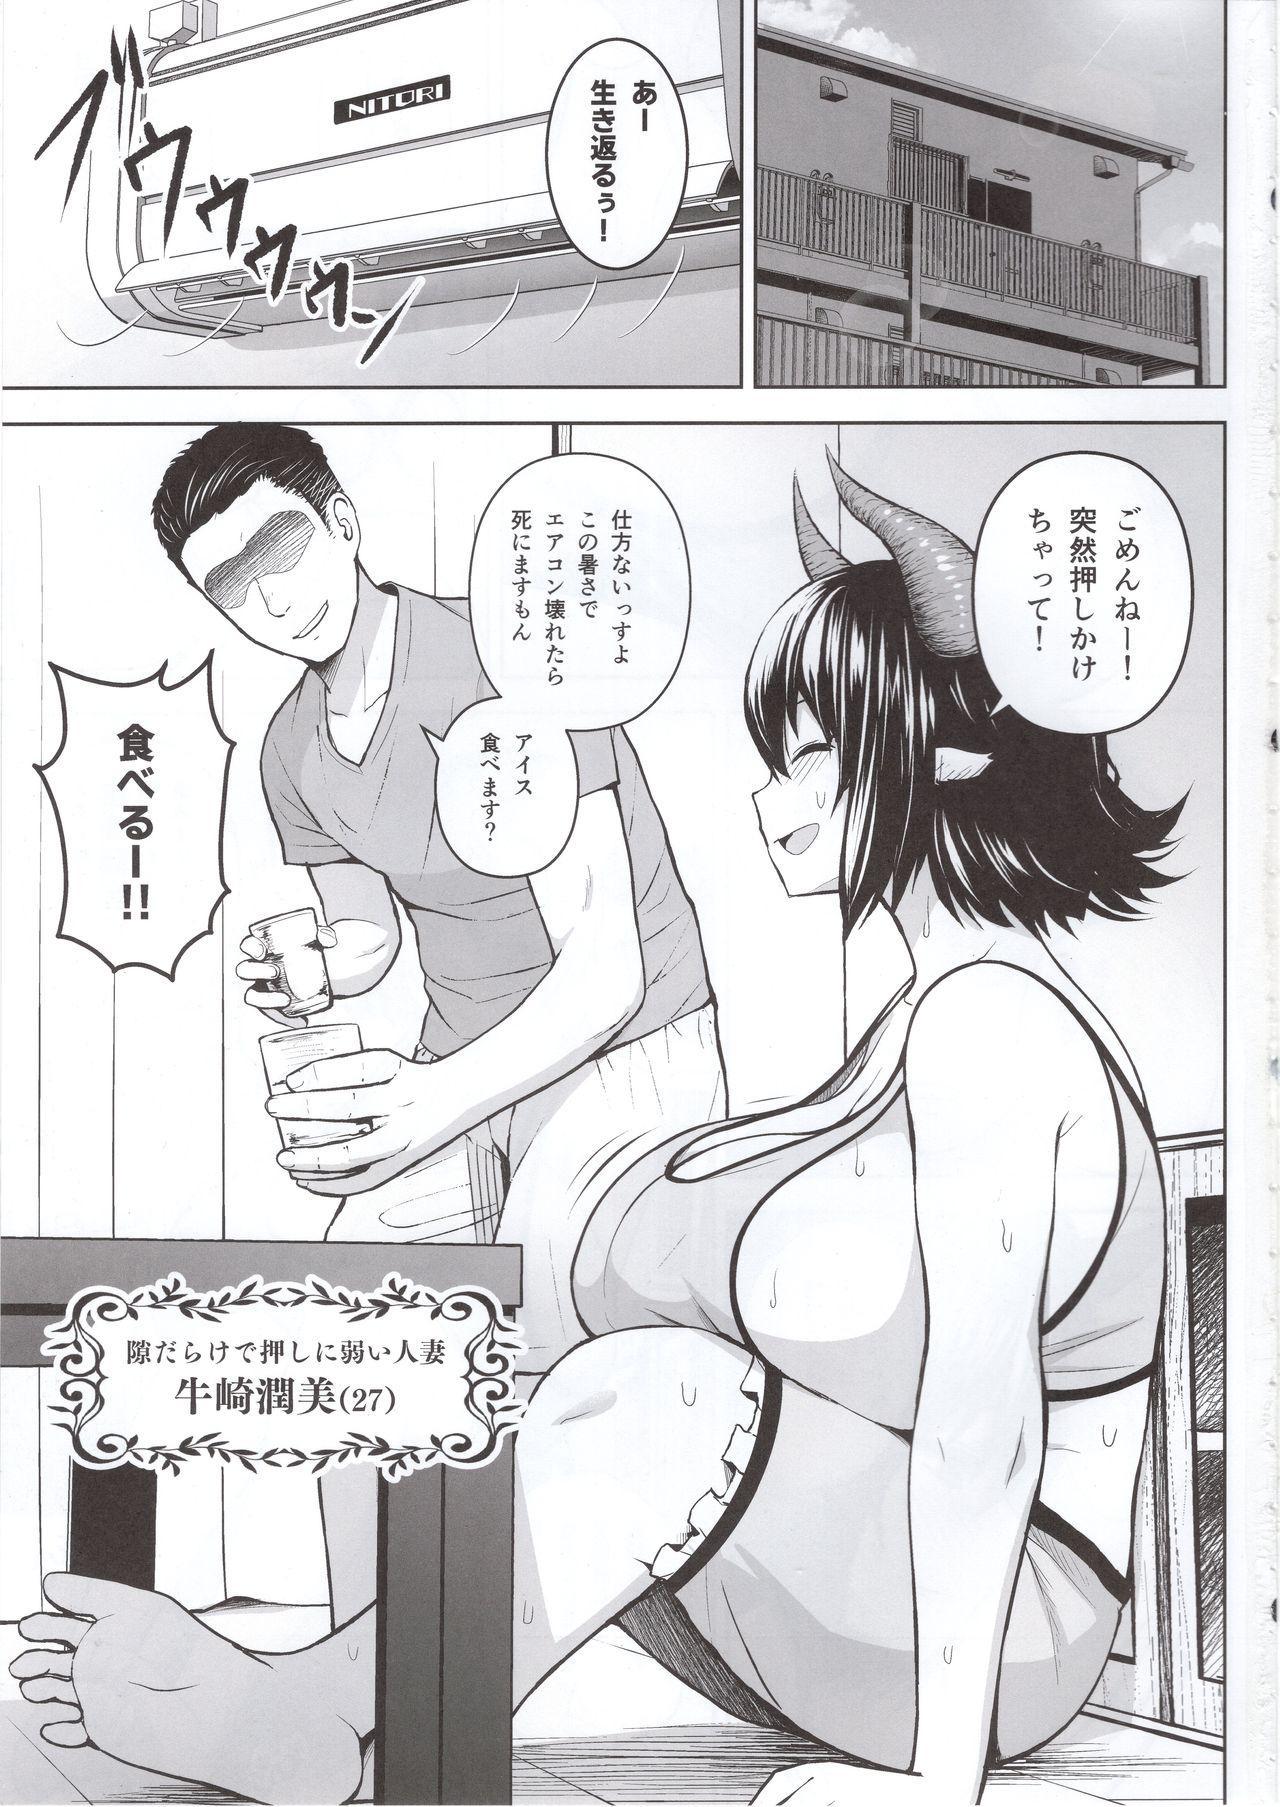 Oku-san no Oppai ga Dekasugiru noga Warui! 1